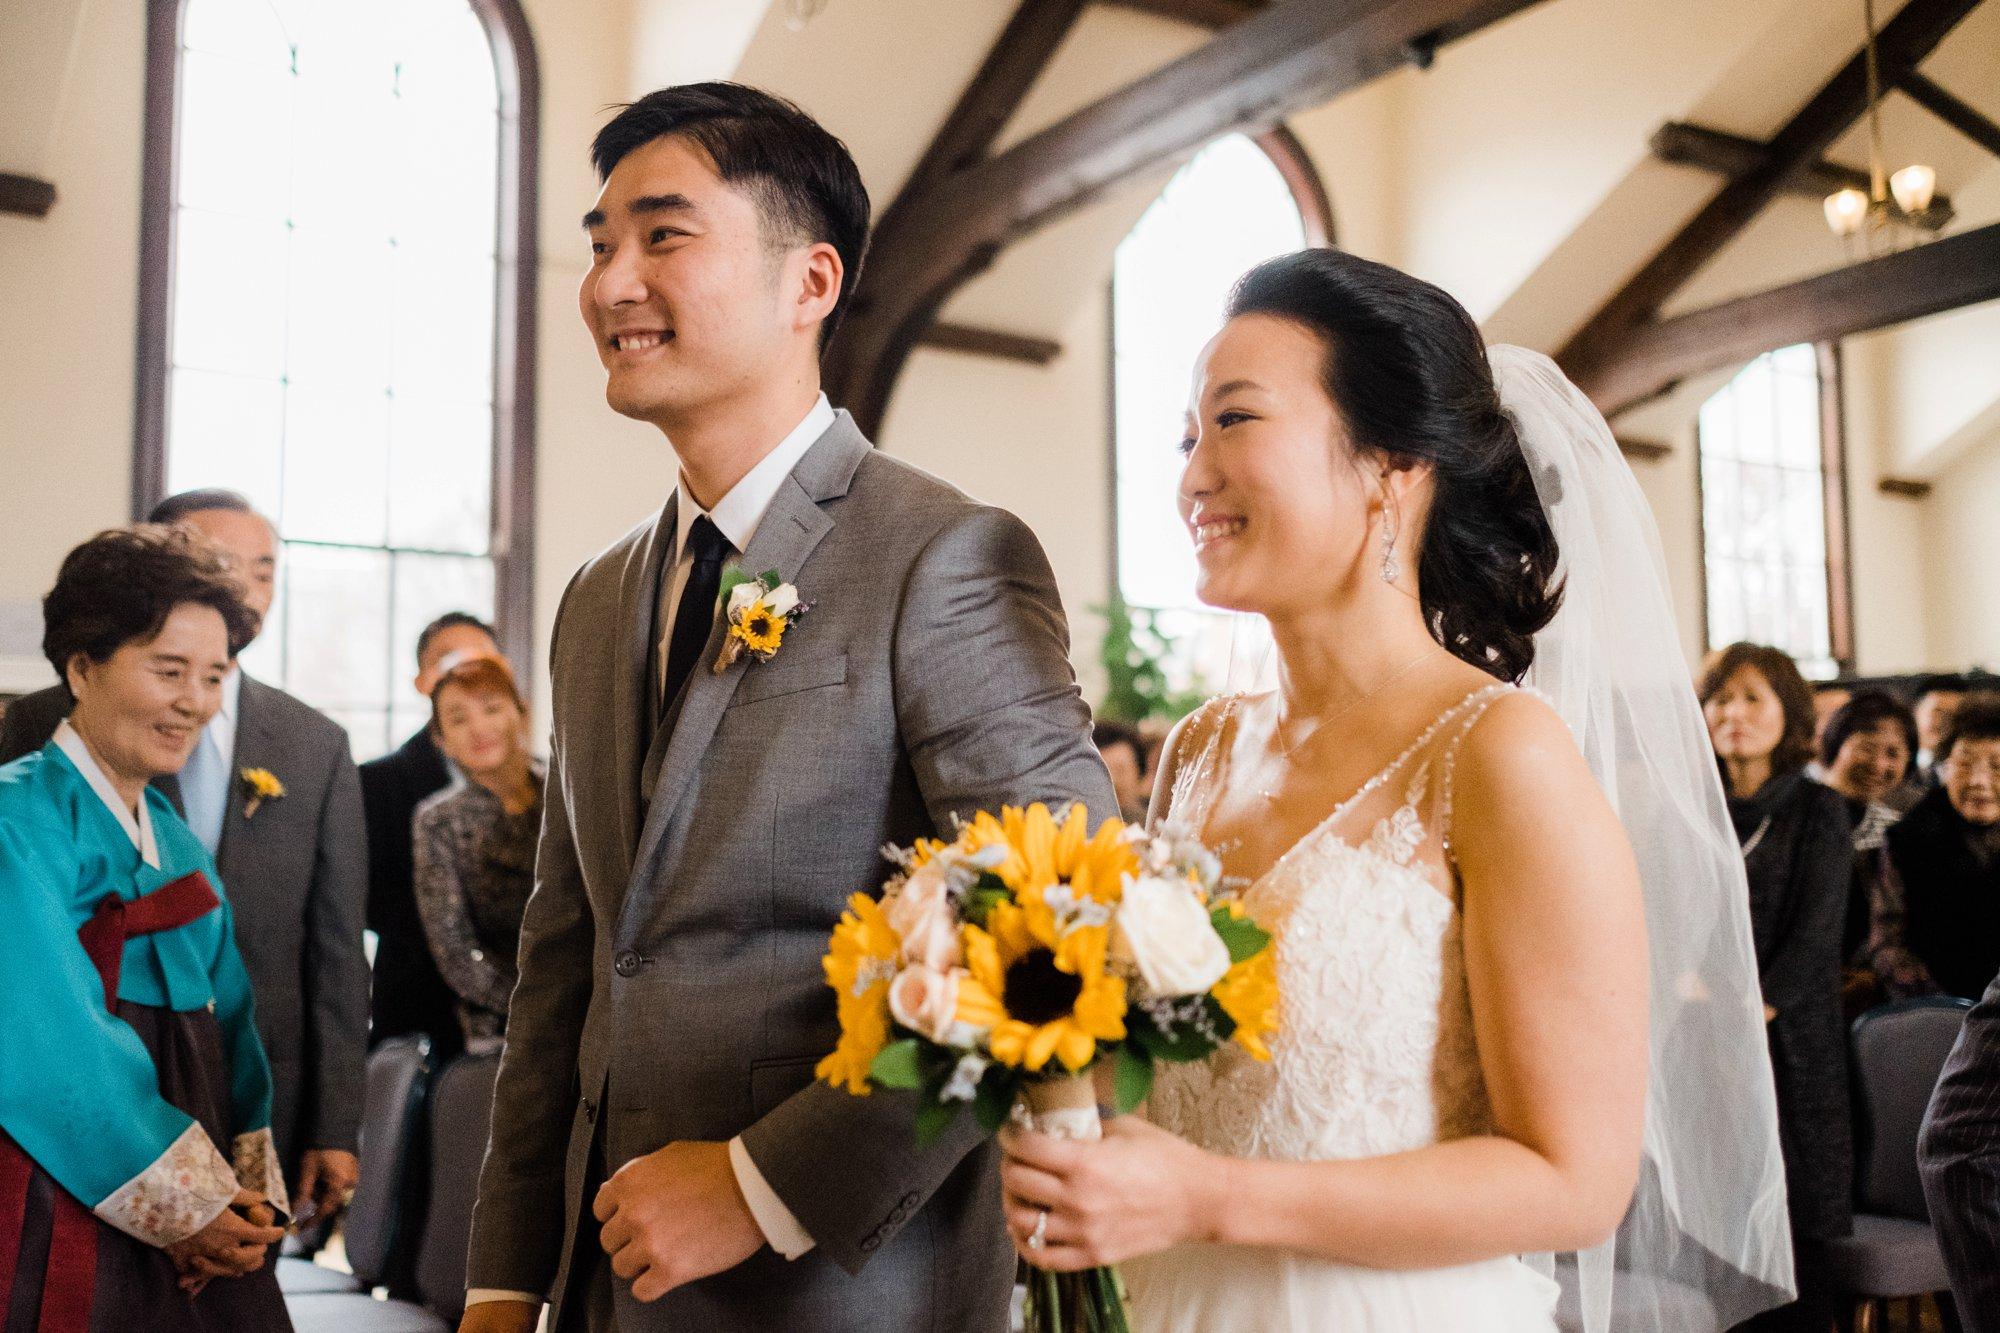 fairfax-dc-wedding-old-city-hall_0108.jpg